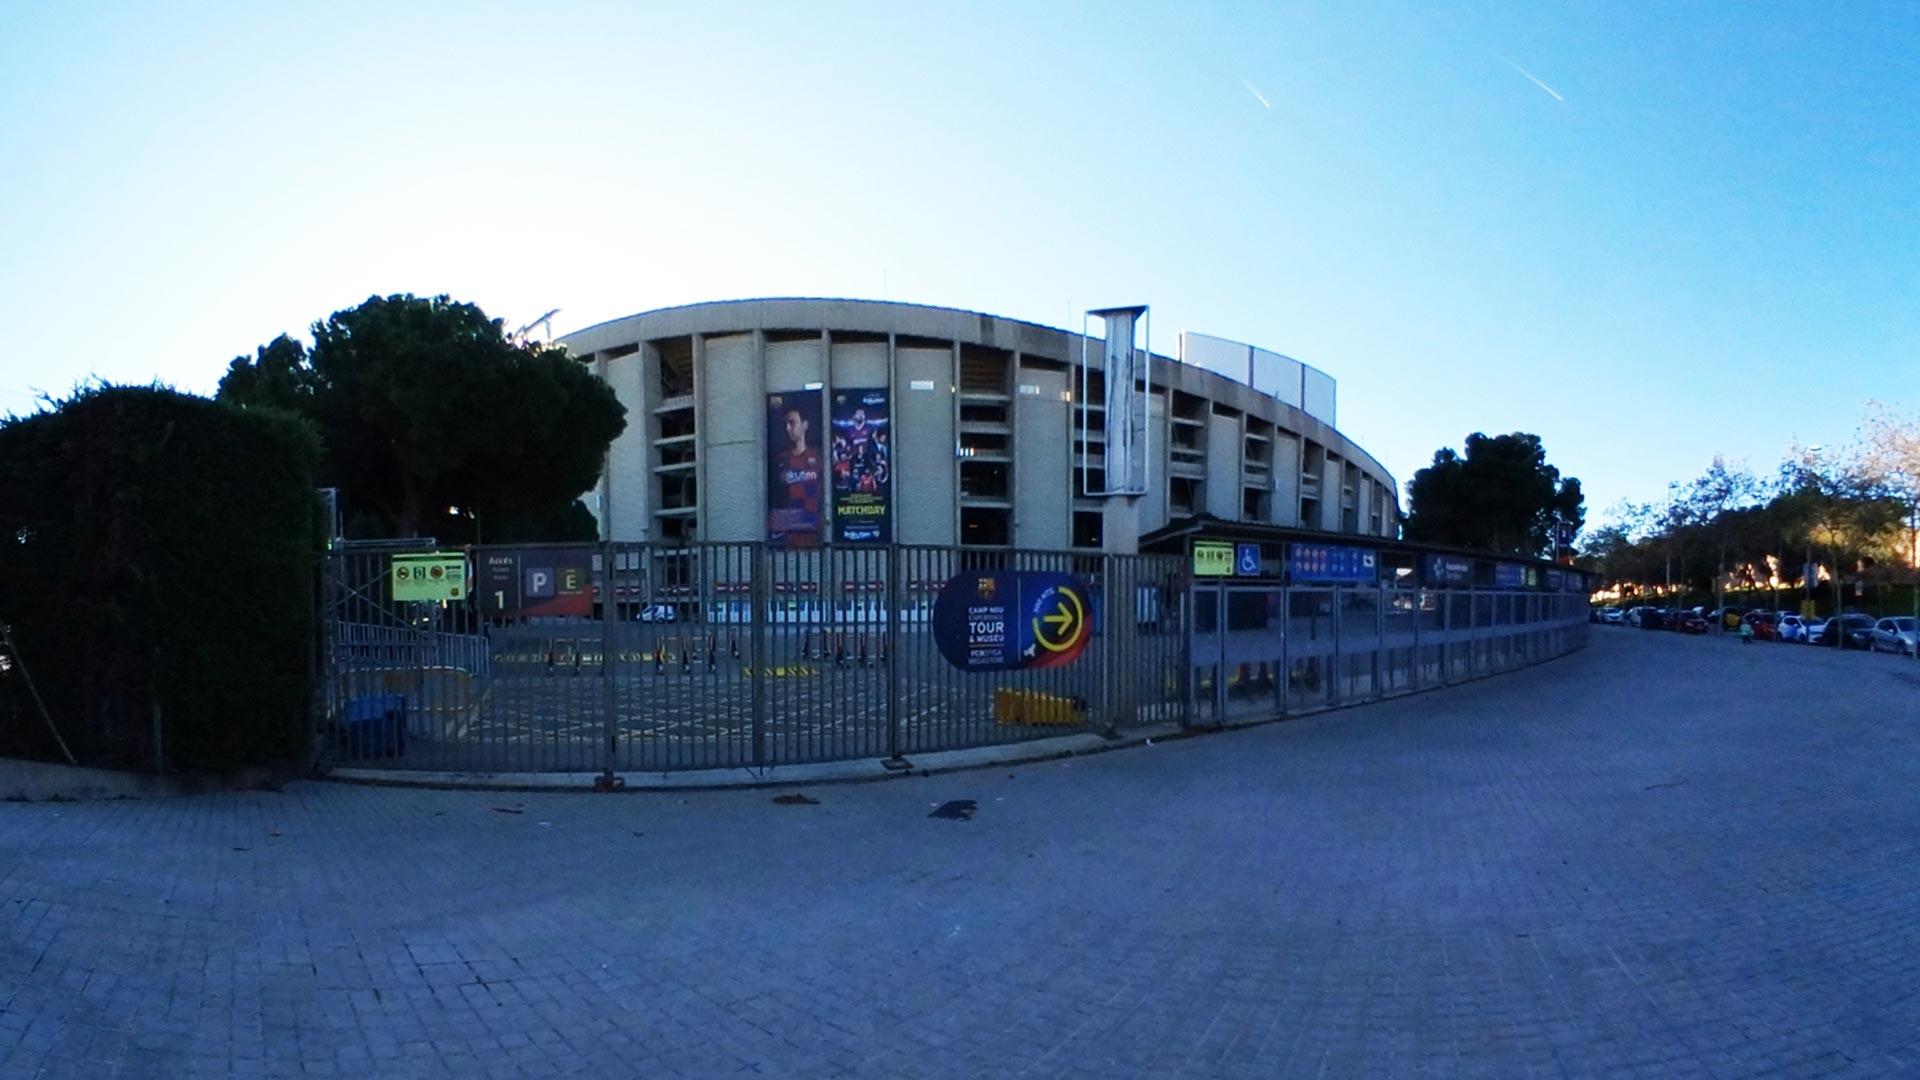 Camp Nou - FOTOS y VÍDEOS 360 para descargar - Descargas360.com